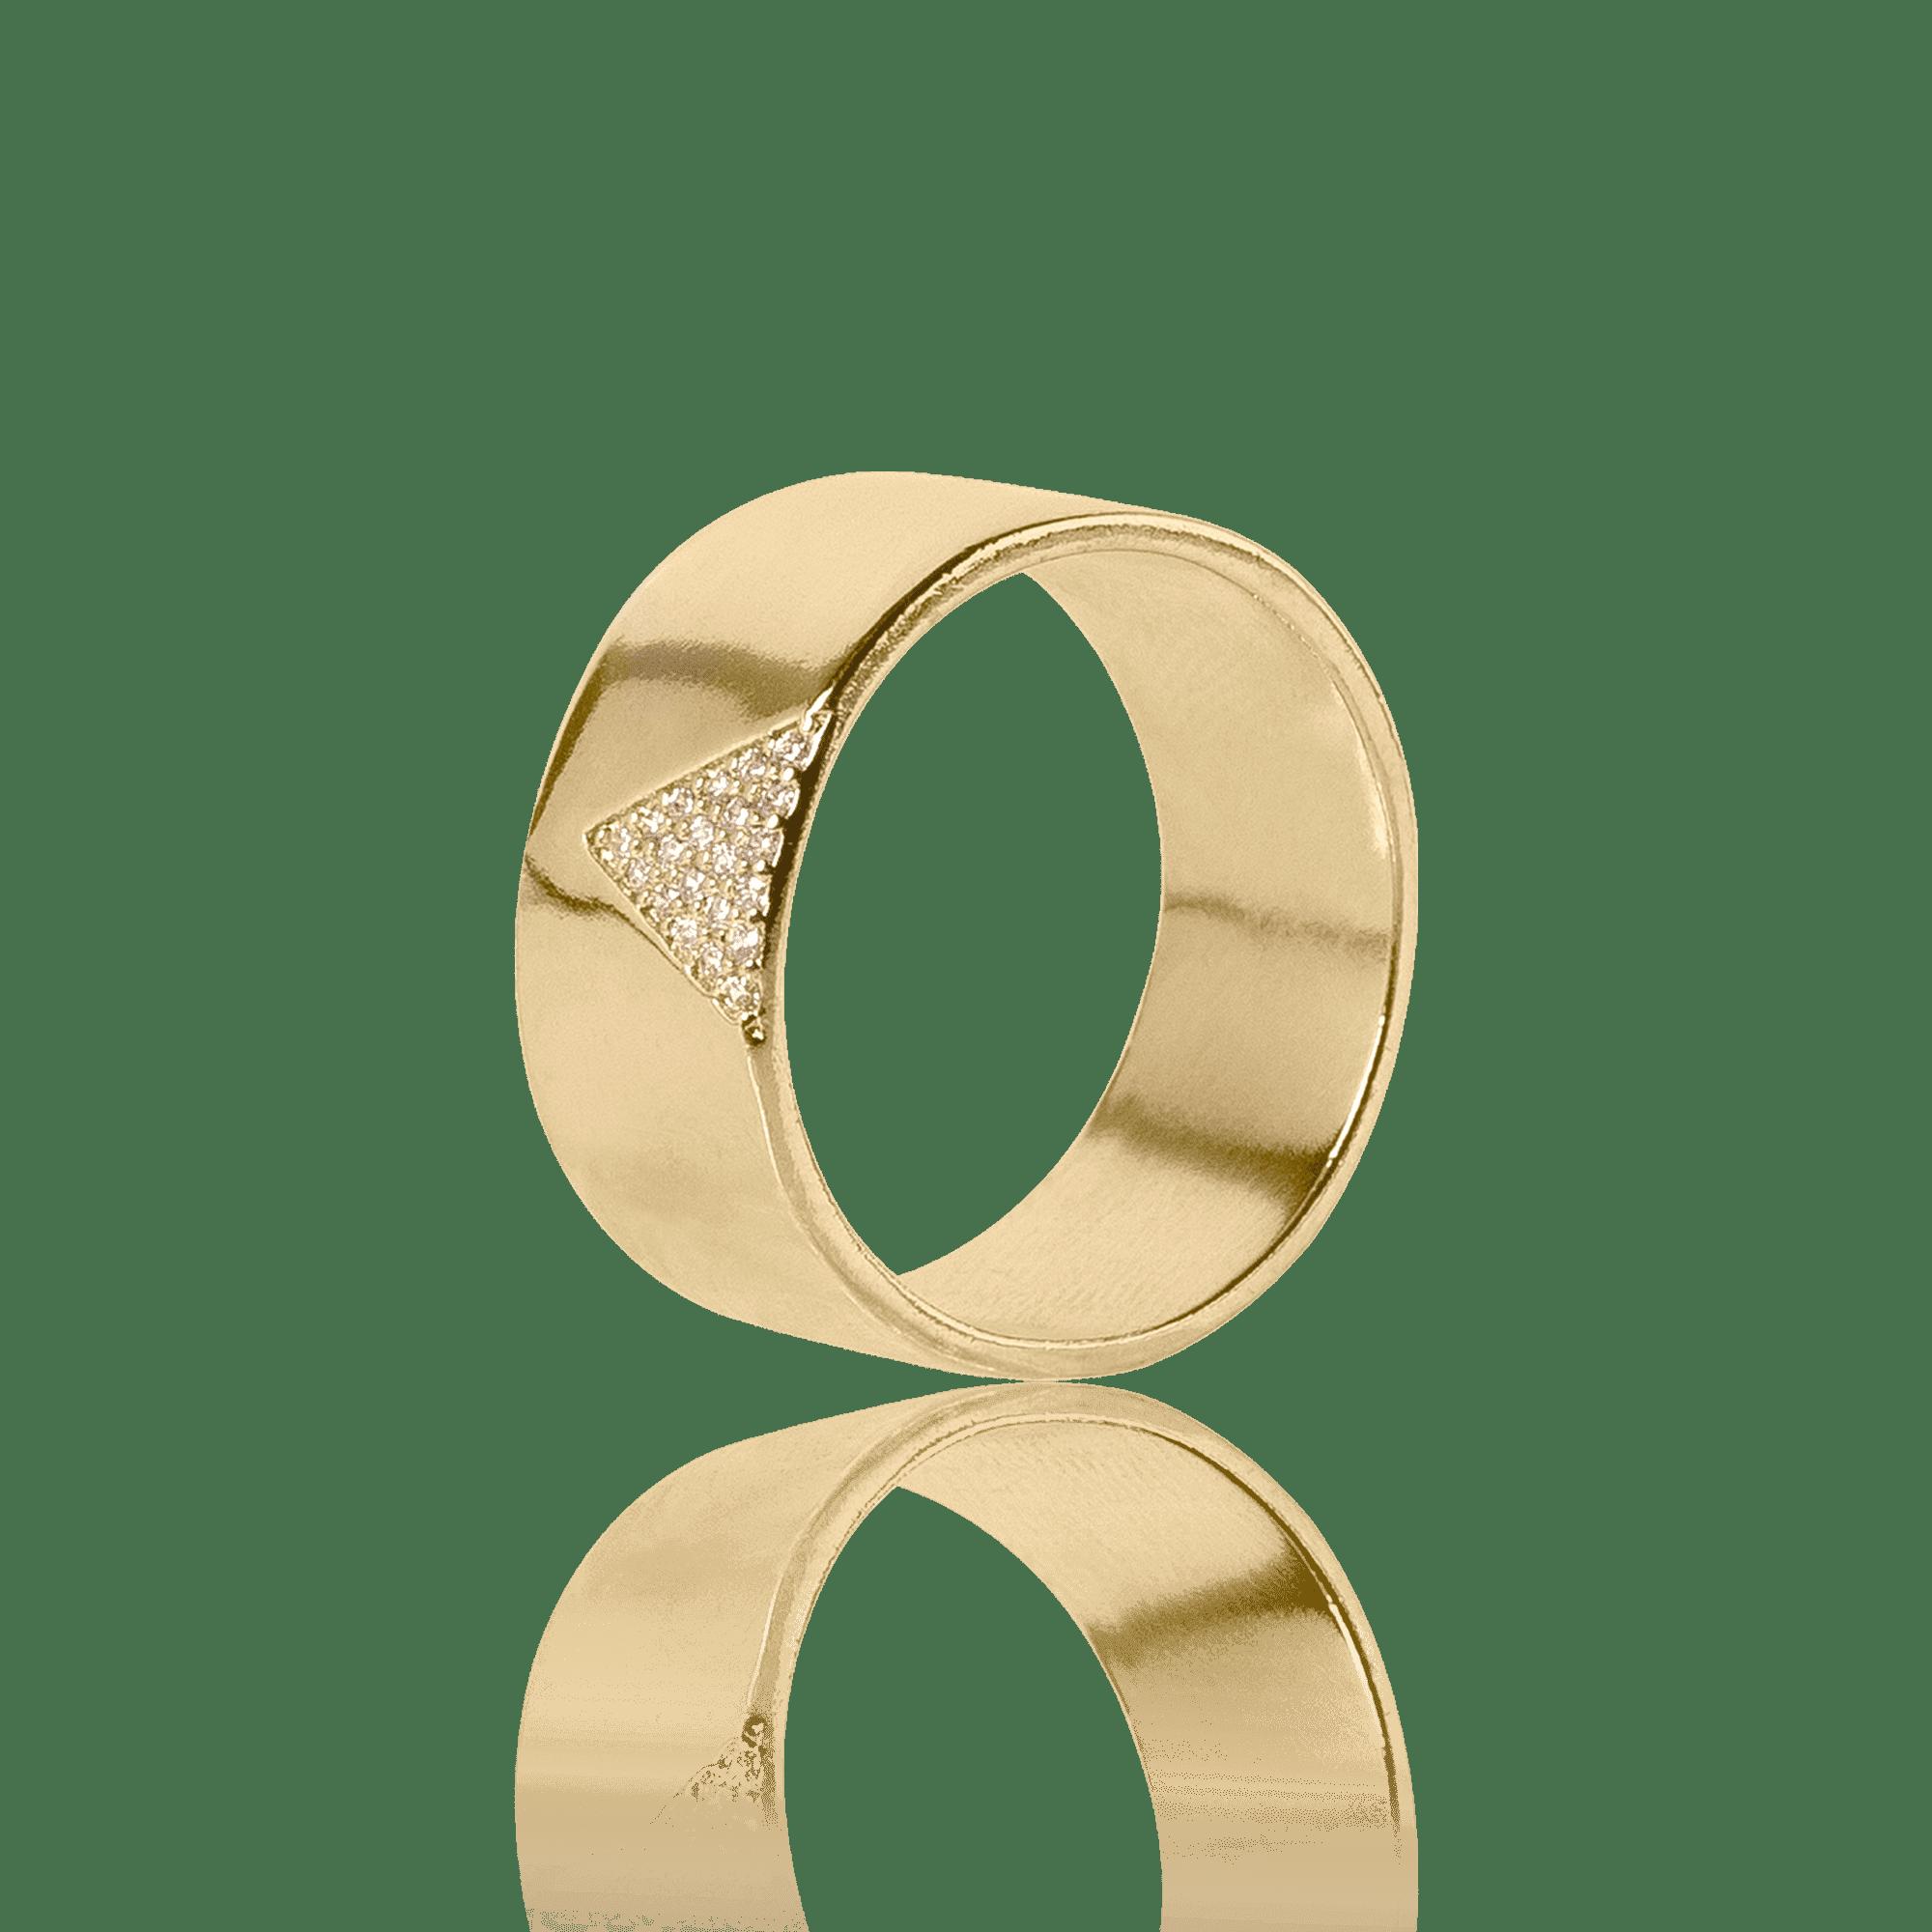 Anel Dourado com detalhe Triangular cravejado com Zircônias